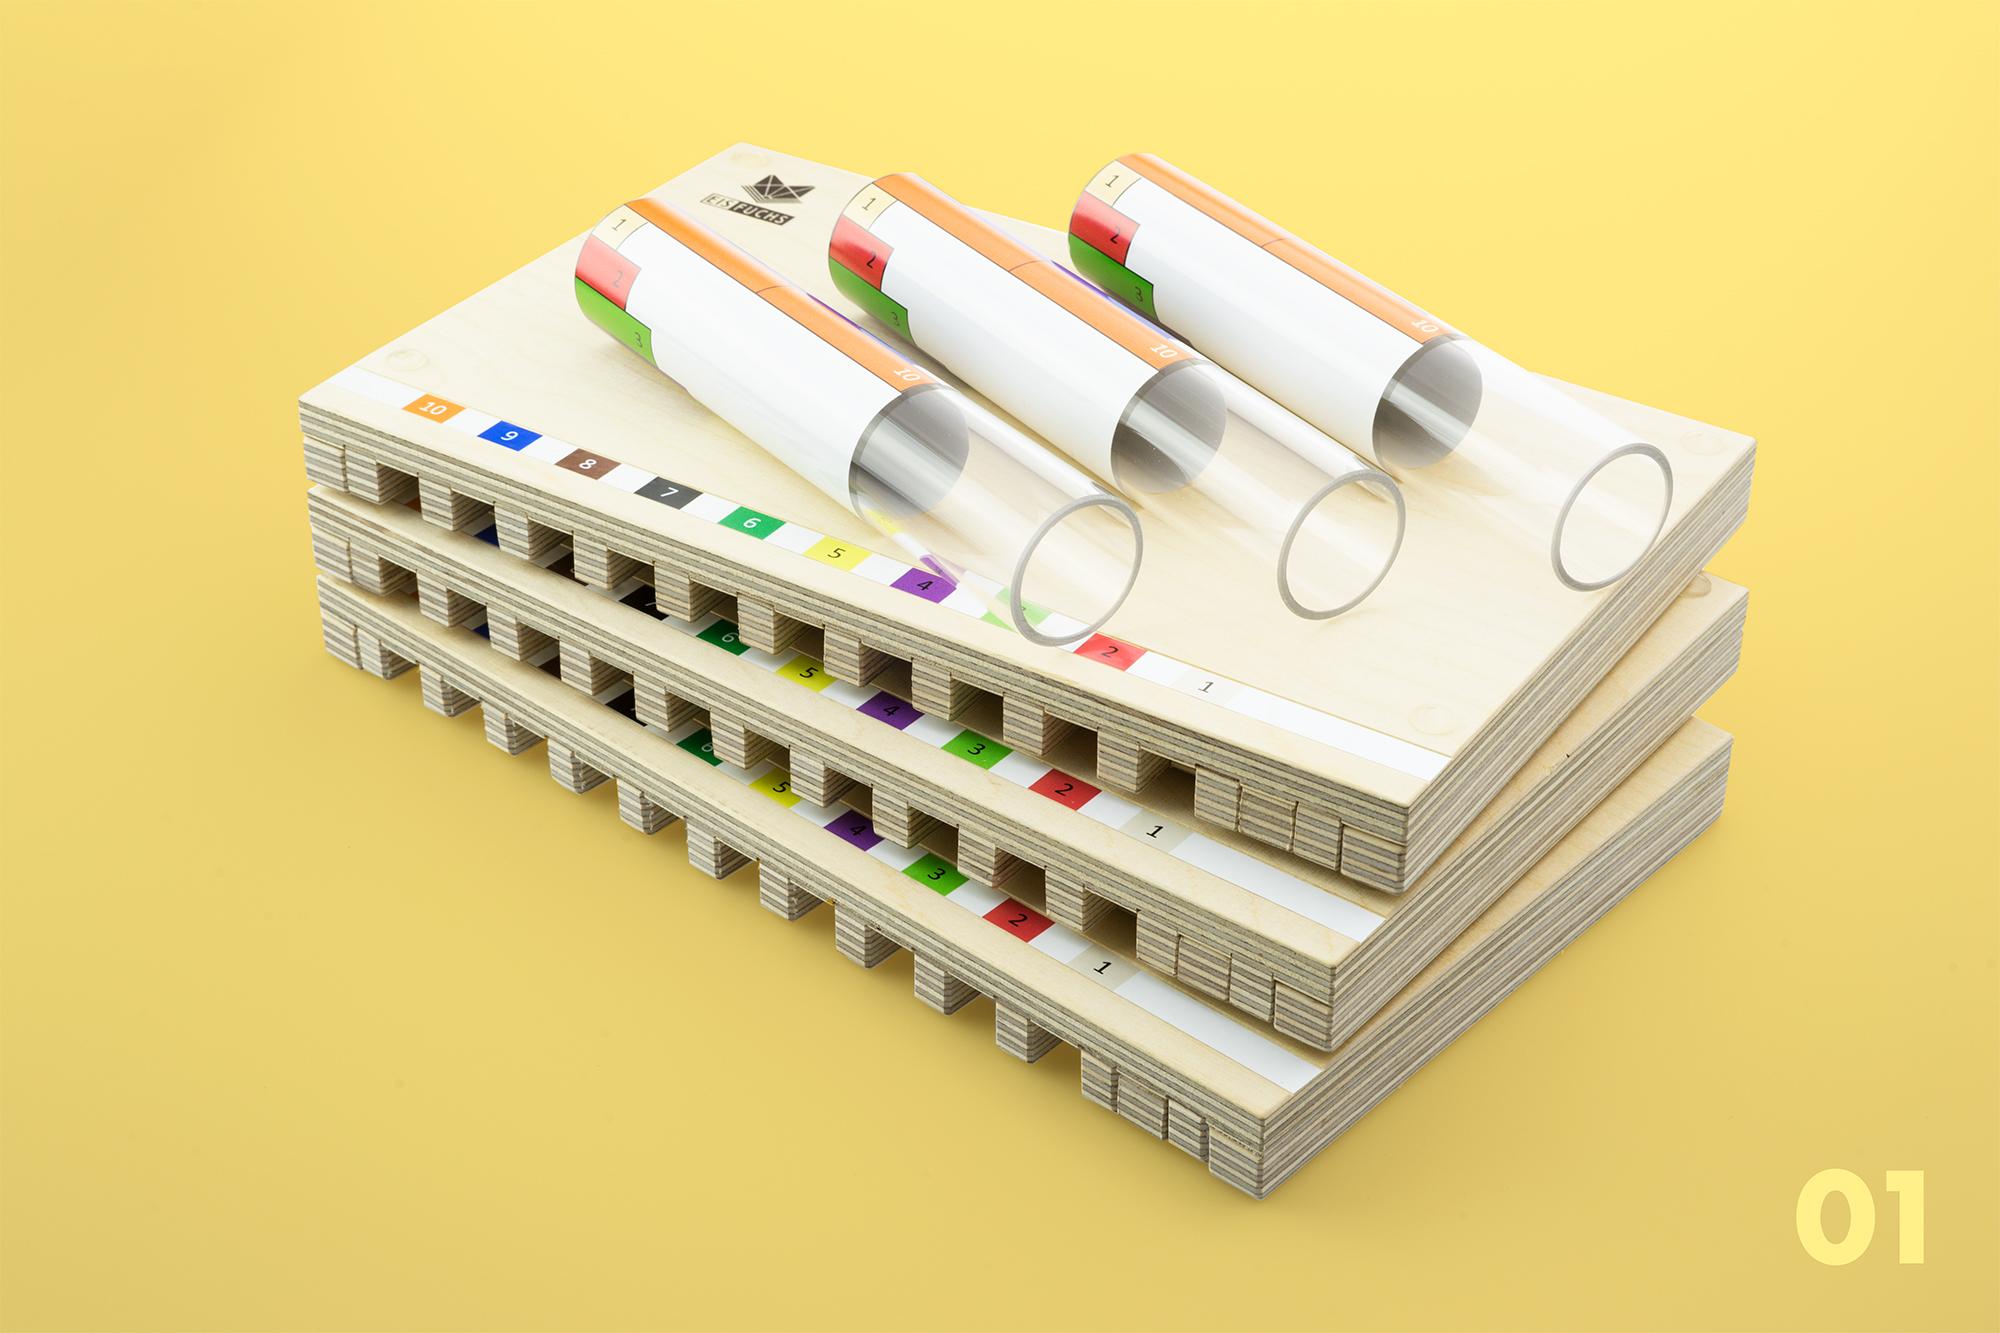 Caramba-Brett Schule - Das Caramba-Brett Schule ist einerseits Minusbox, andererseits Caramba-Spiel. Somit ermöglicht es dem Kind den Aufbau des Verständnisses für die Minus-Operation und lässt sich als vielseitiges Spielmaterial einsetzen.CHF 66.– mit Anleitung